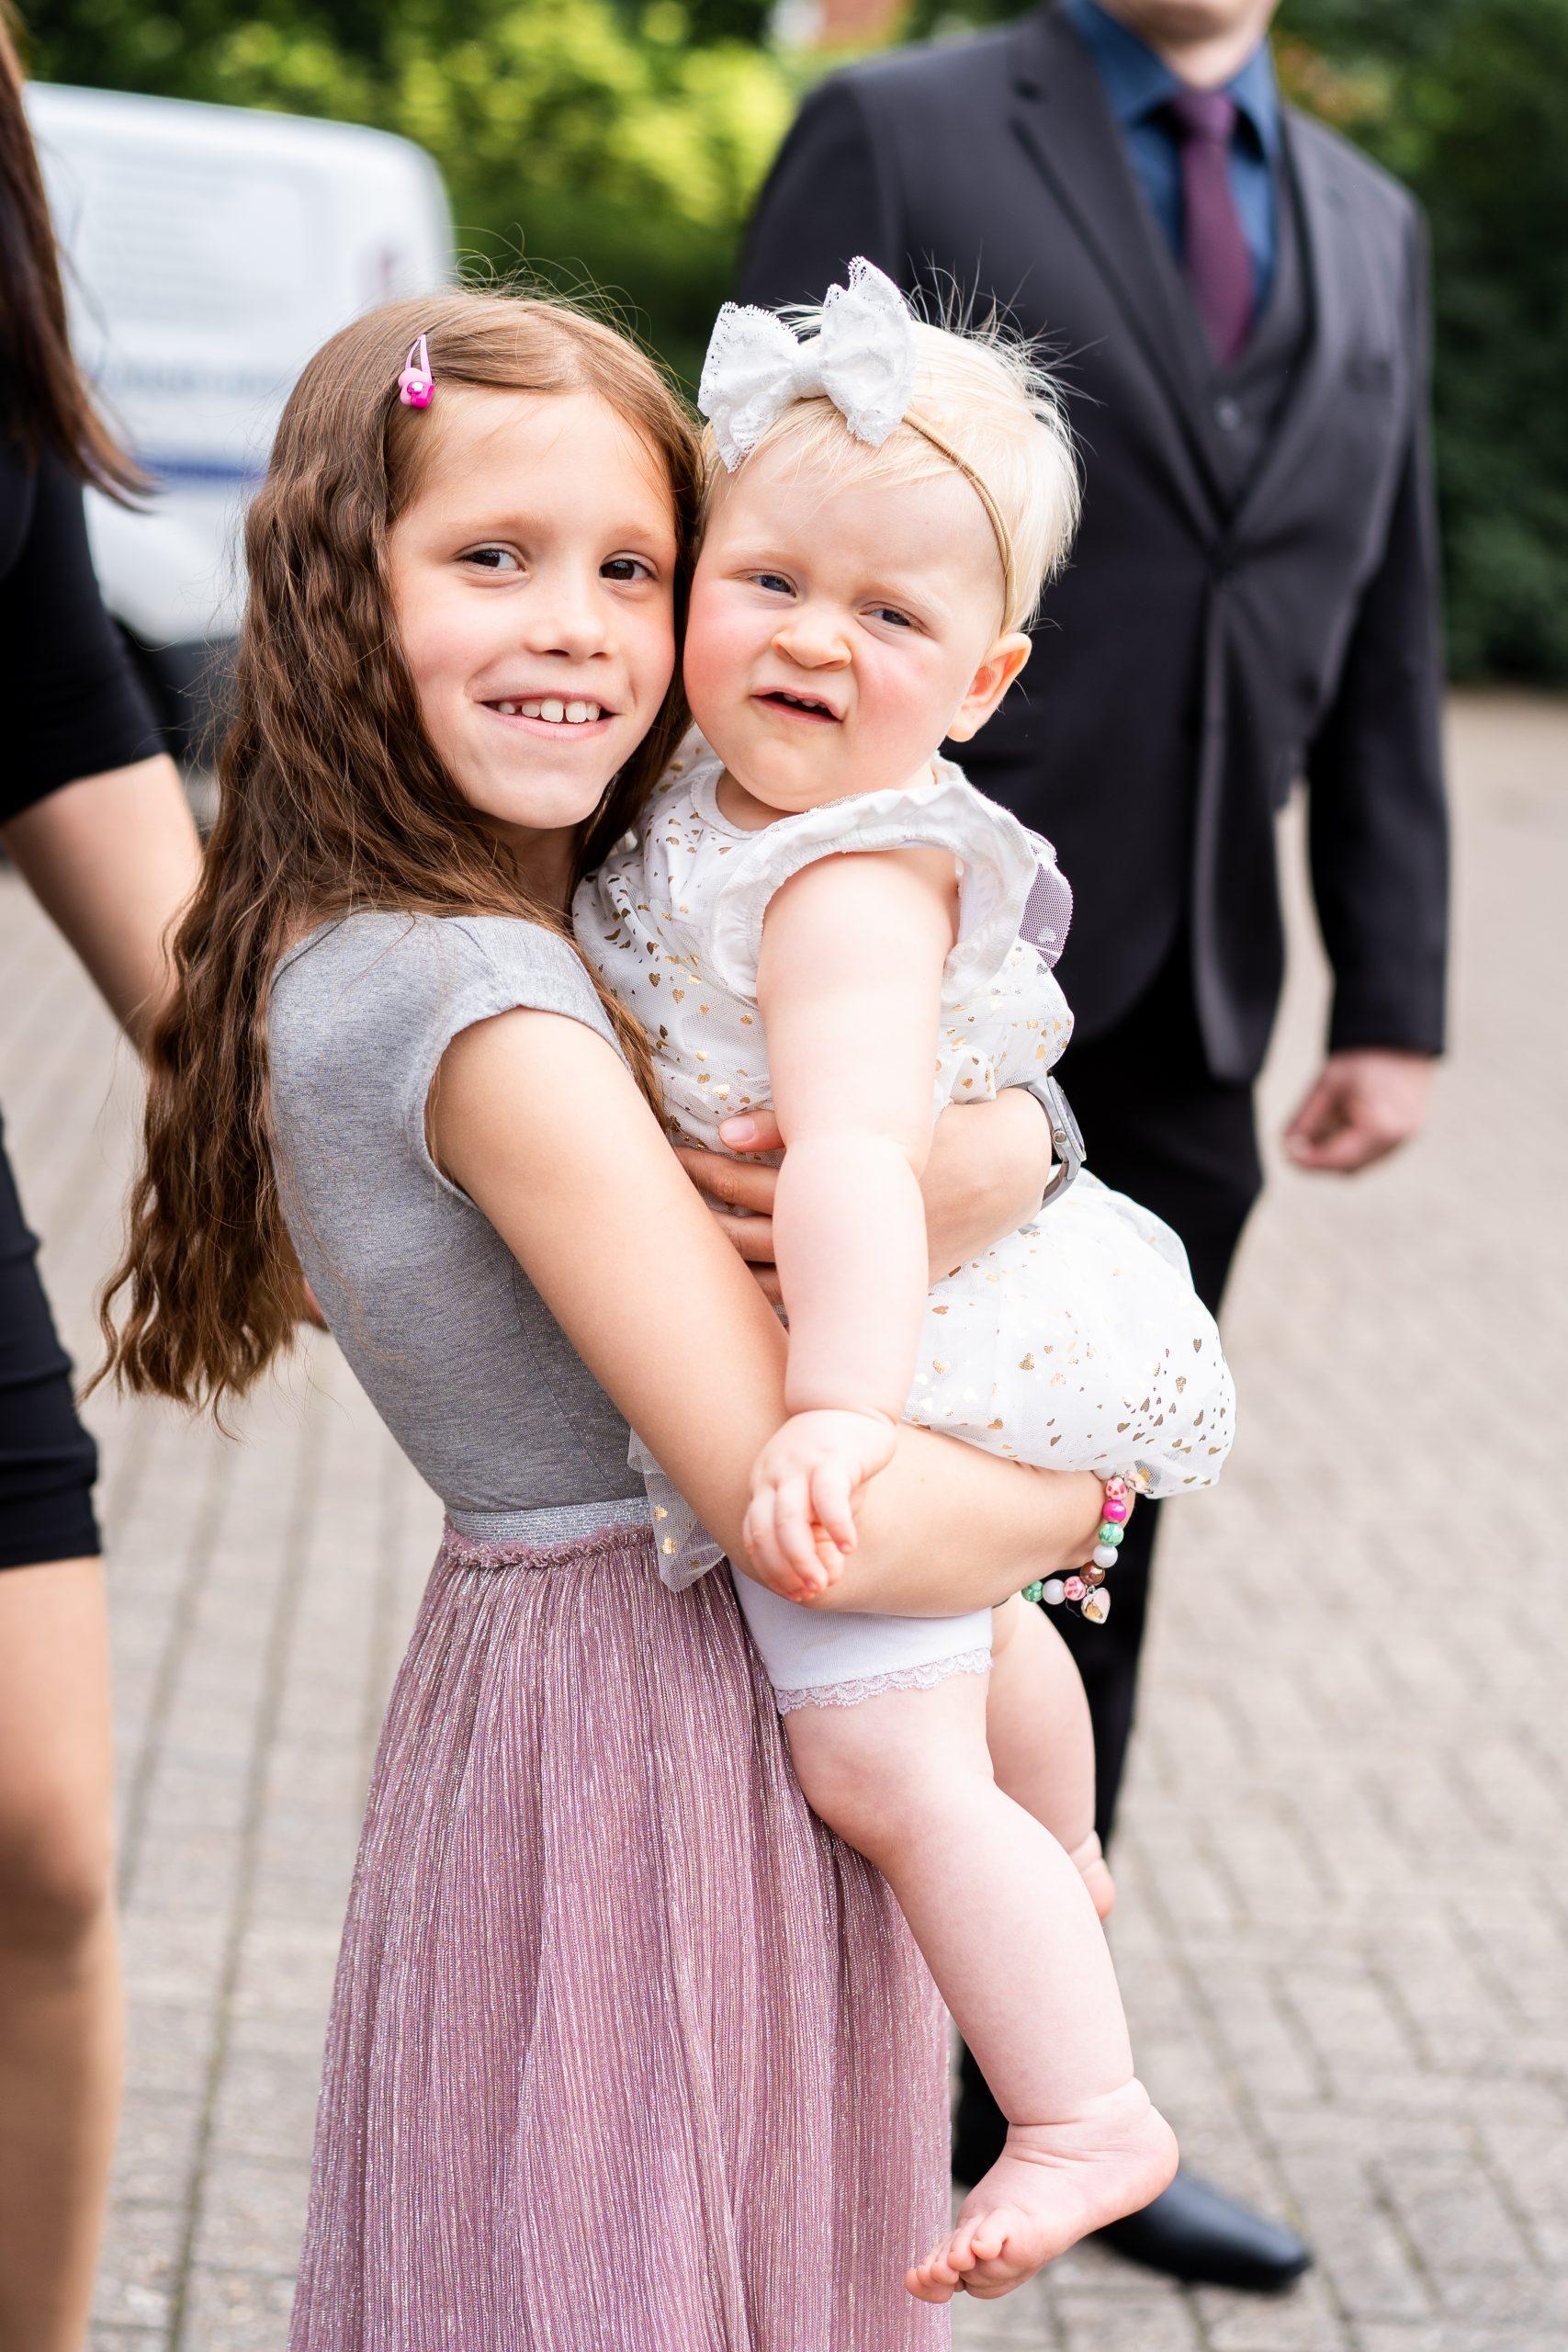 Kindershooting Kinderfotografie Hochzeiten Kinder Gäste Hochzeitsgäste Fotografie Bilder